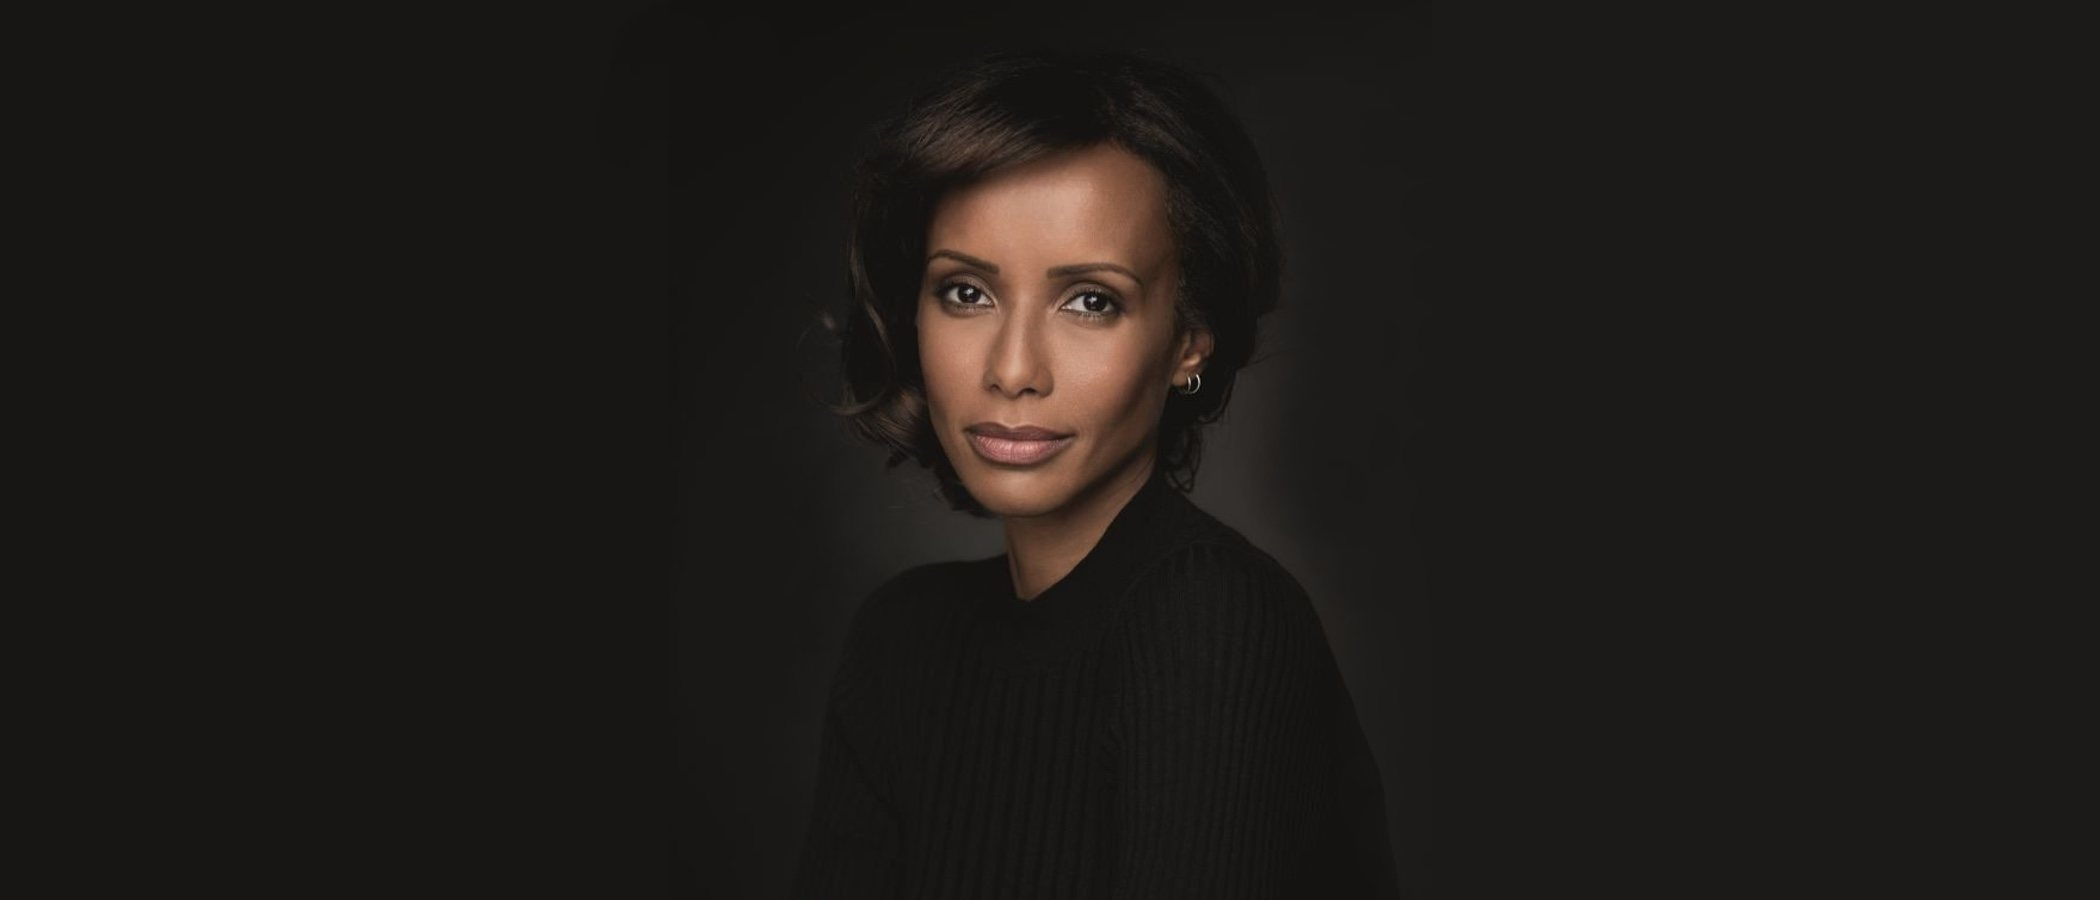 Guerlain apuesta por Sonia Rolland como nueva embajadora de la marca